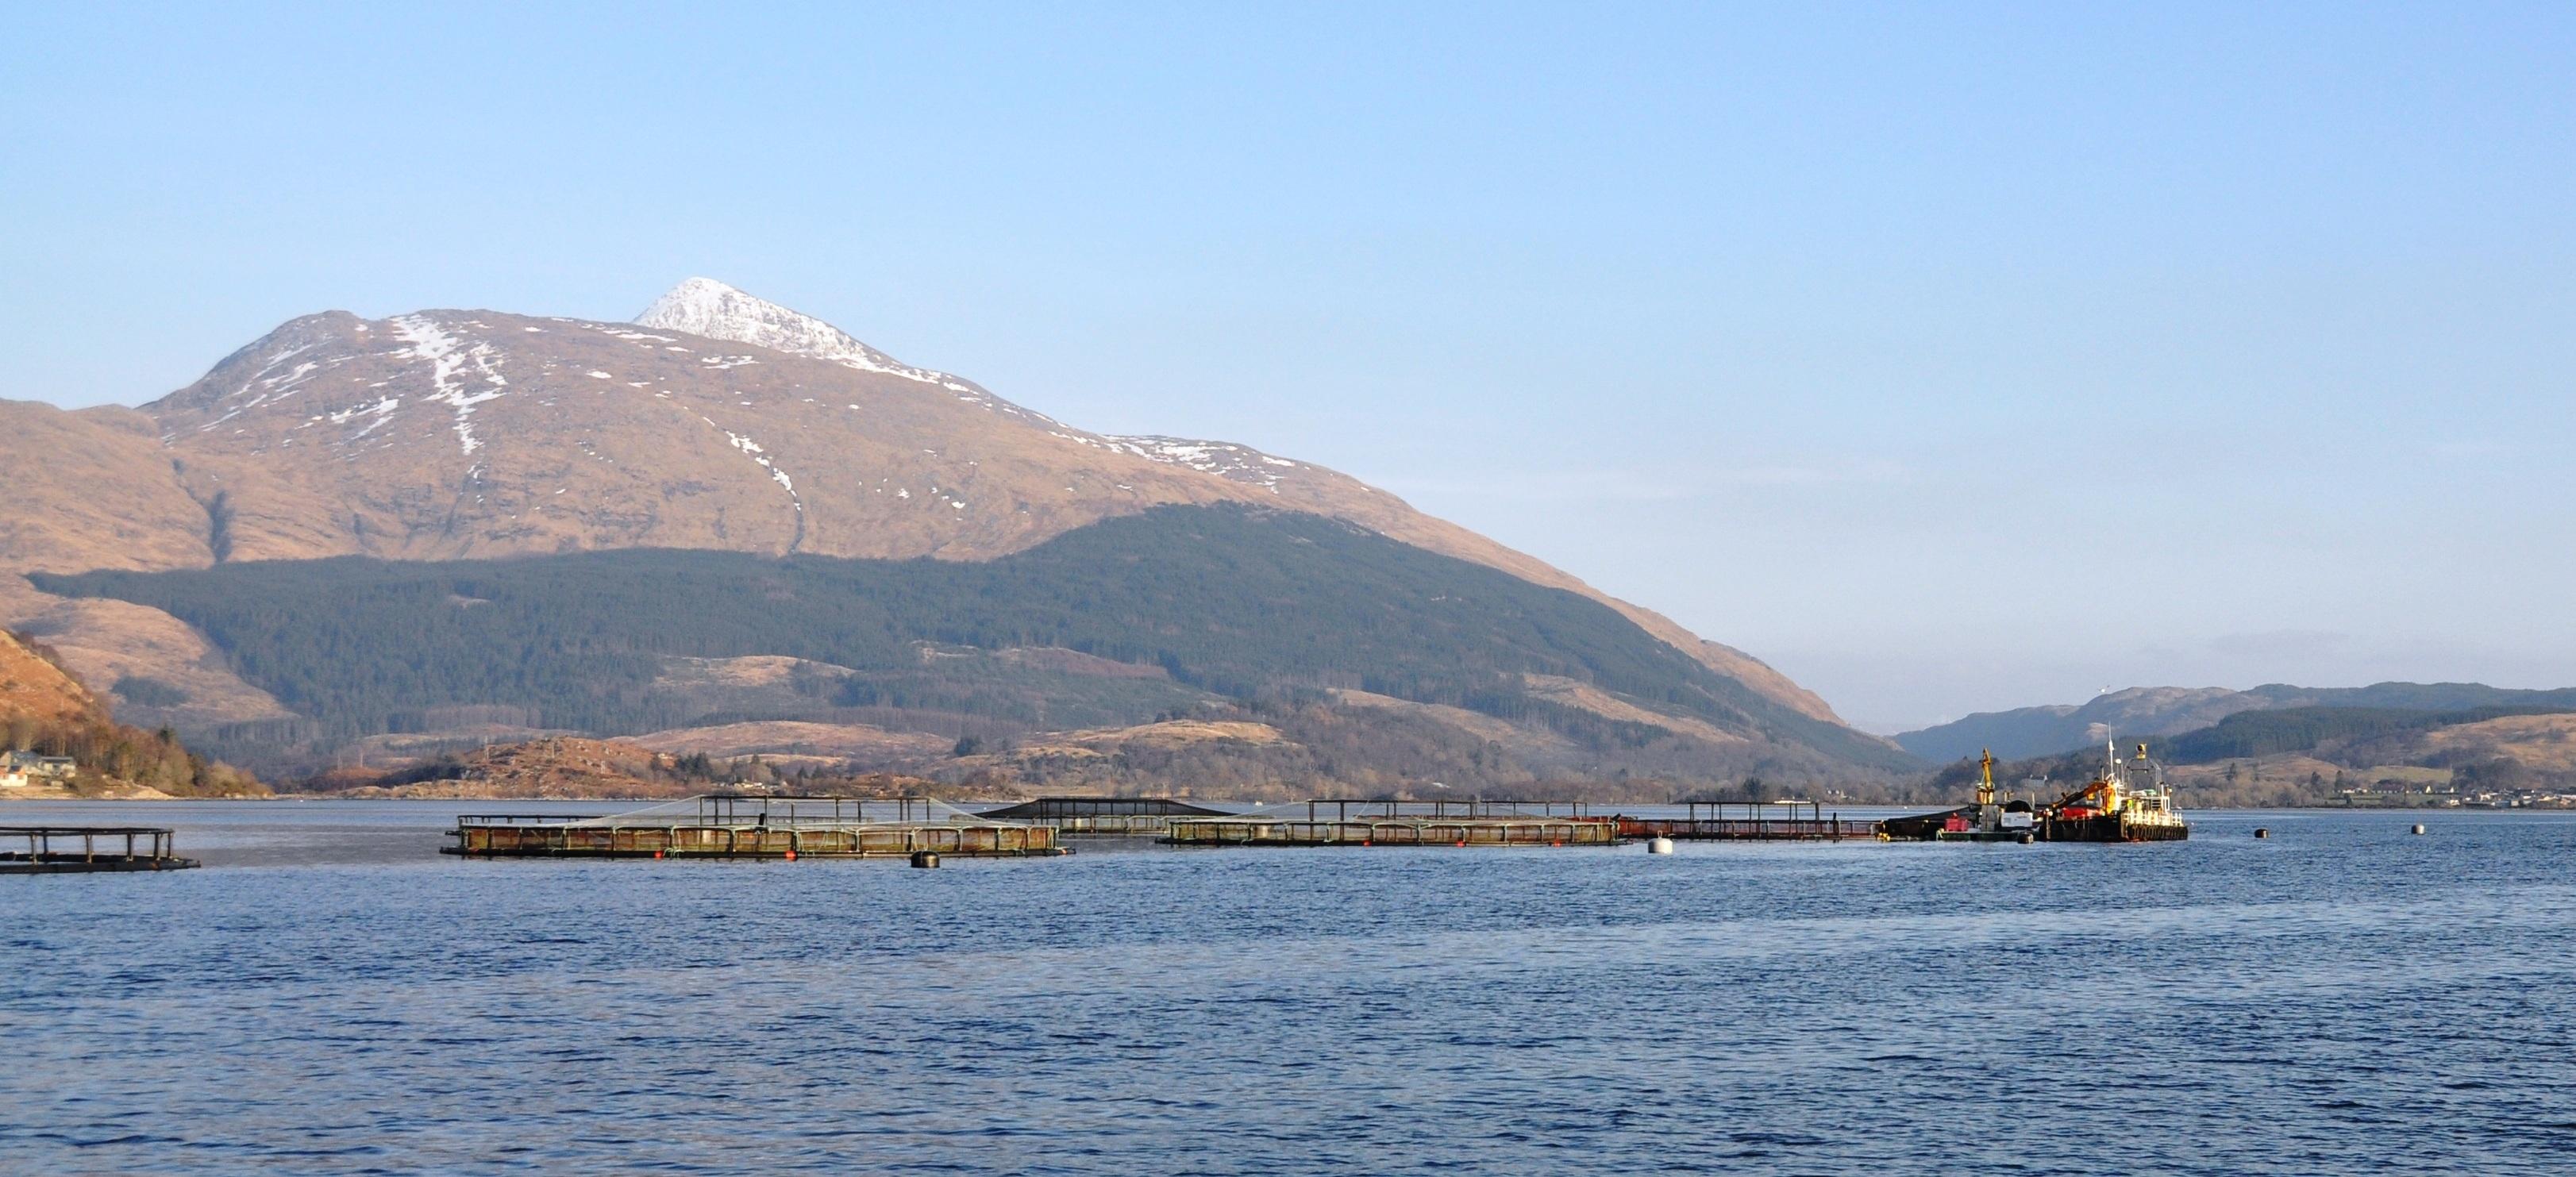 Dawnfresh trout farming operations on Loch Etive.